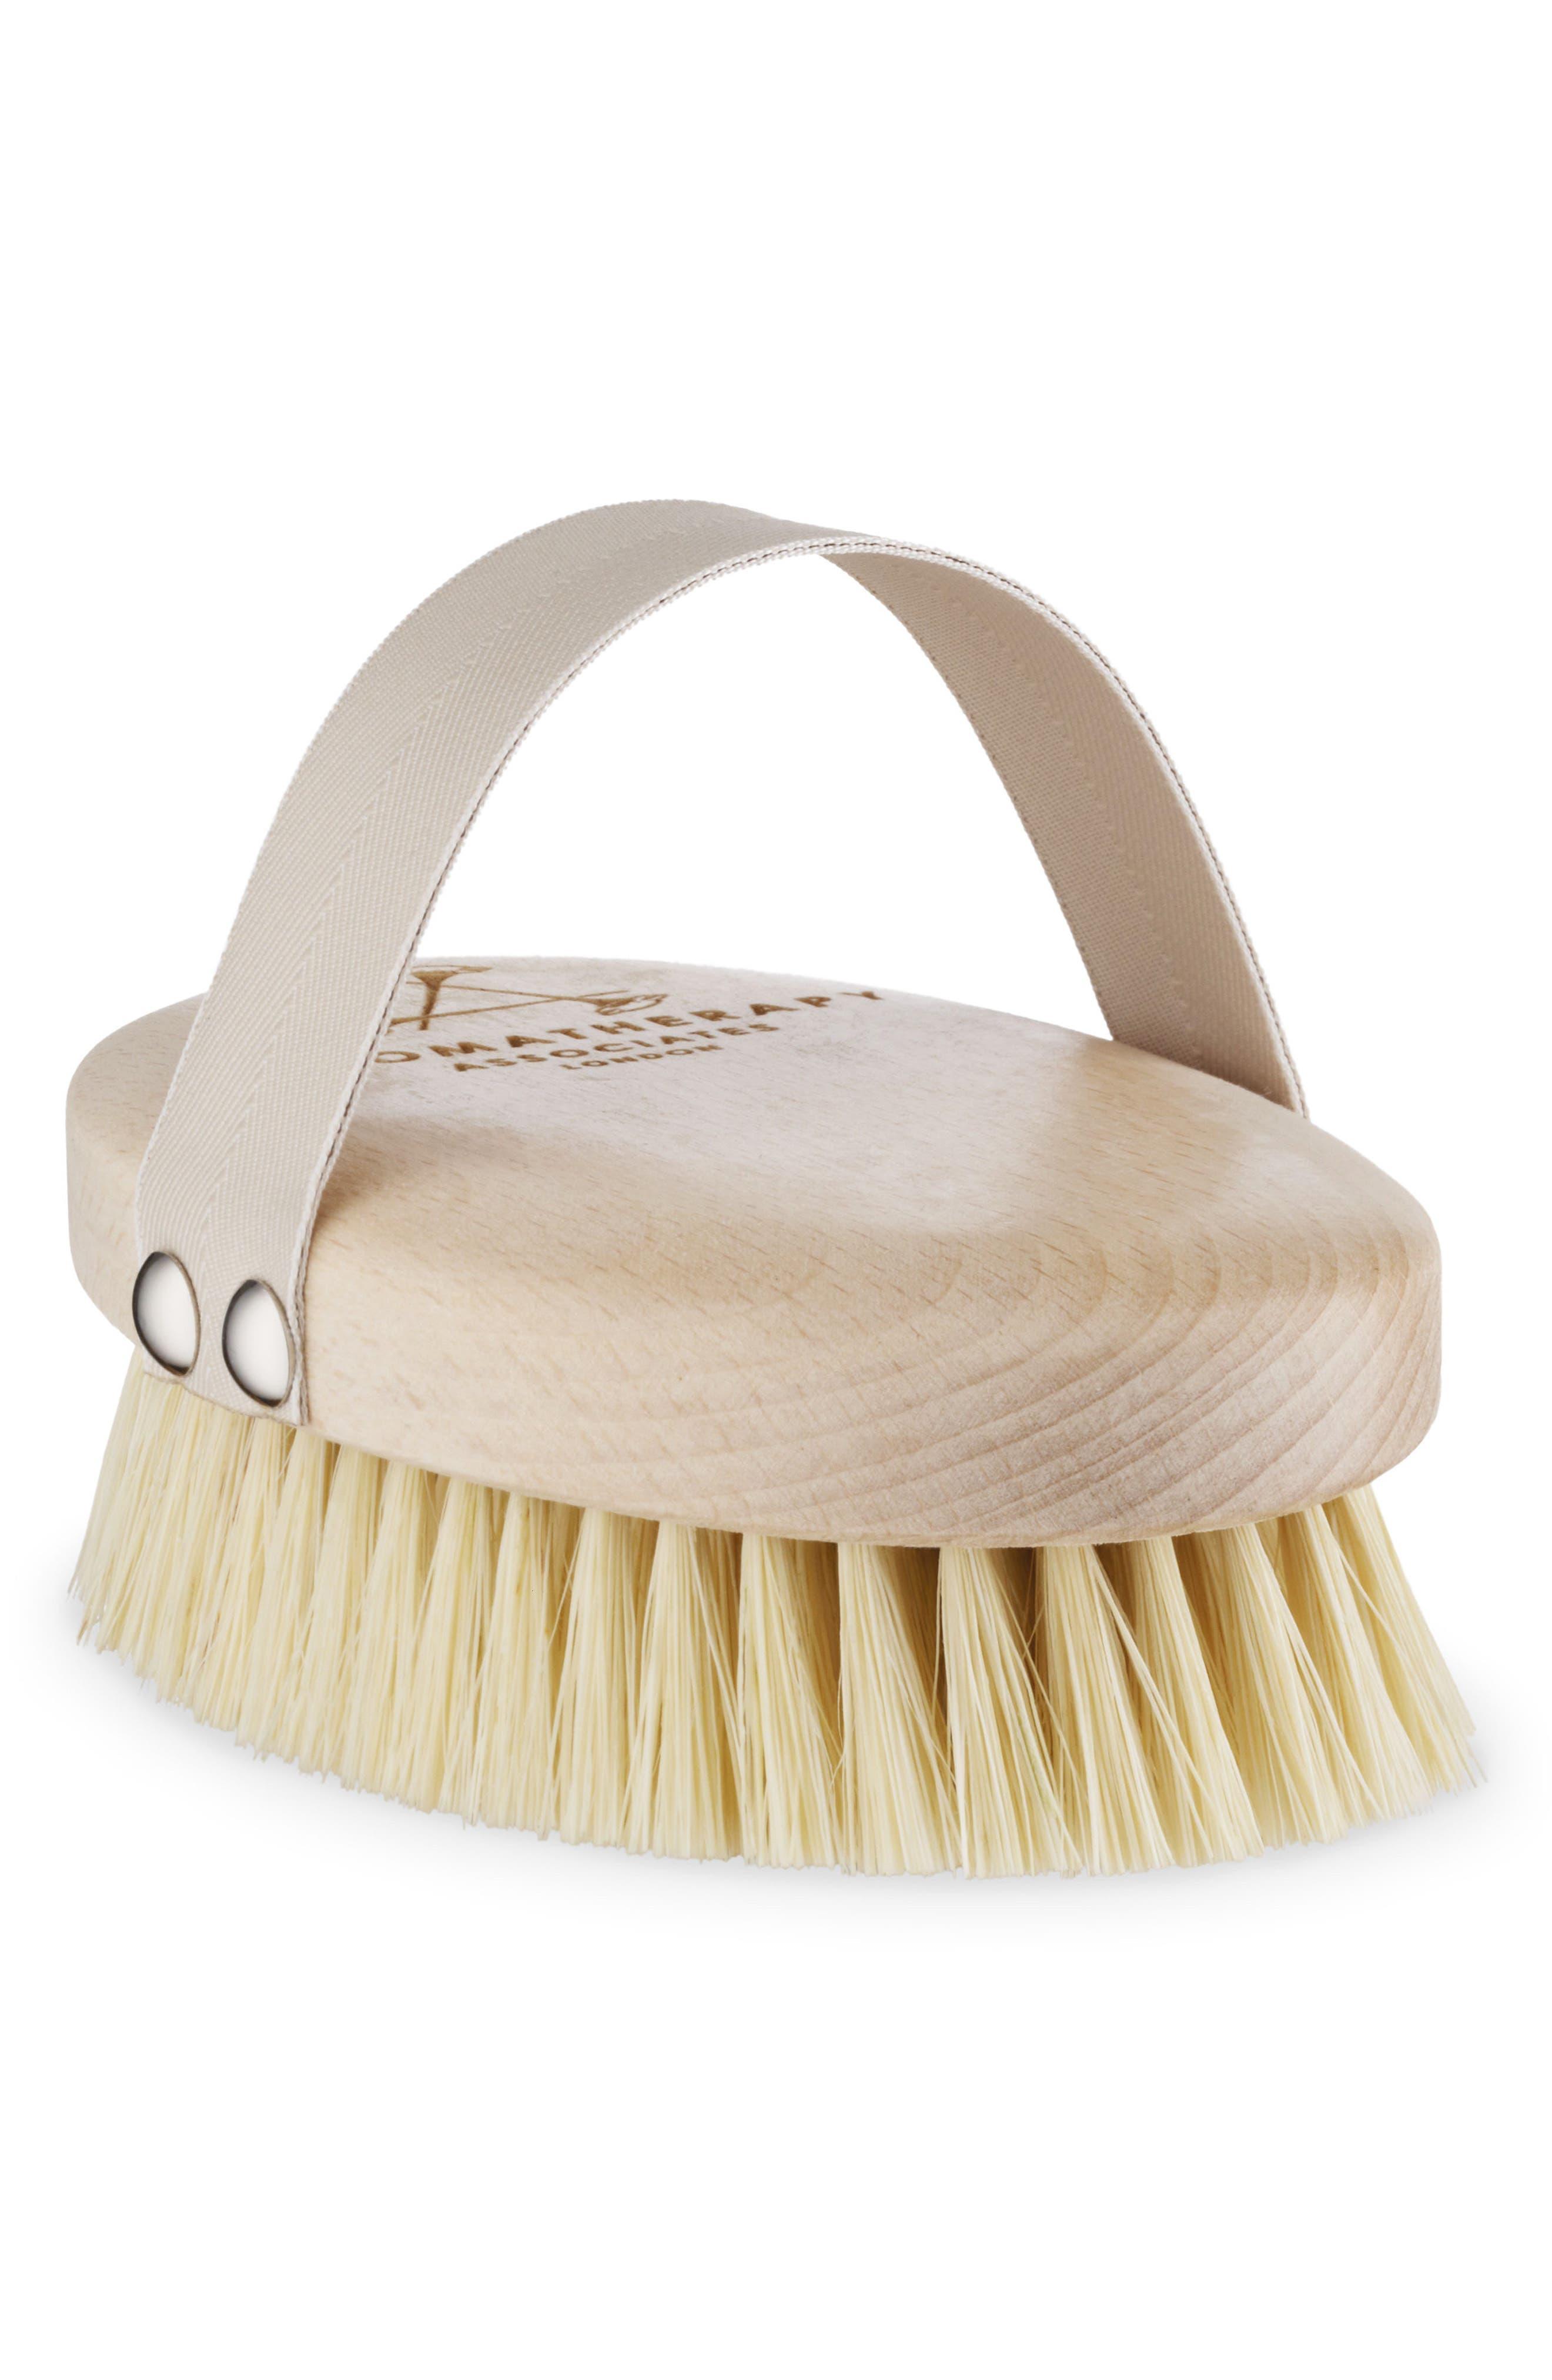 Alternate Image 1 Selected - Aromatherapy Associates Polishing Body Brush